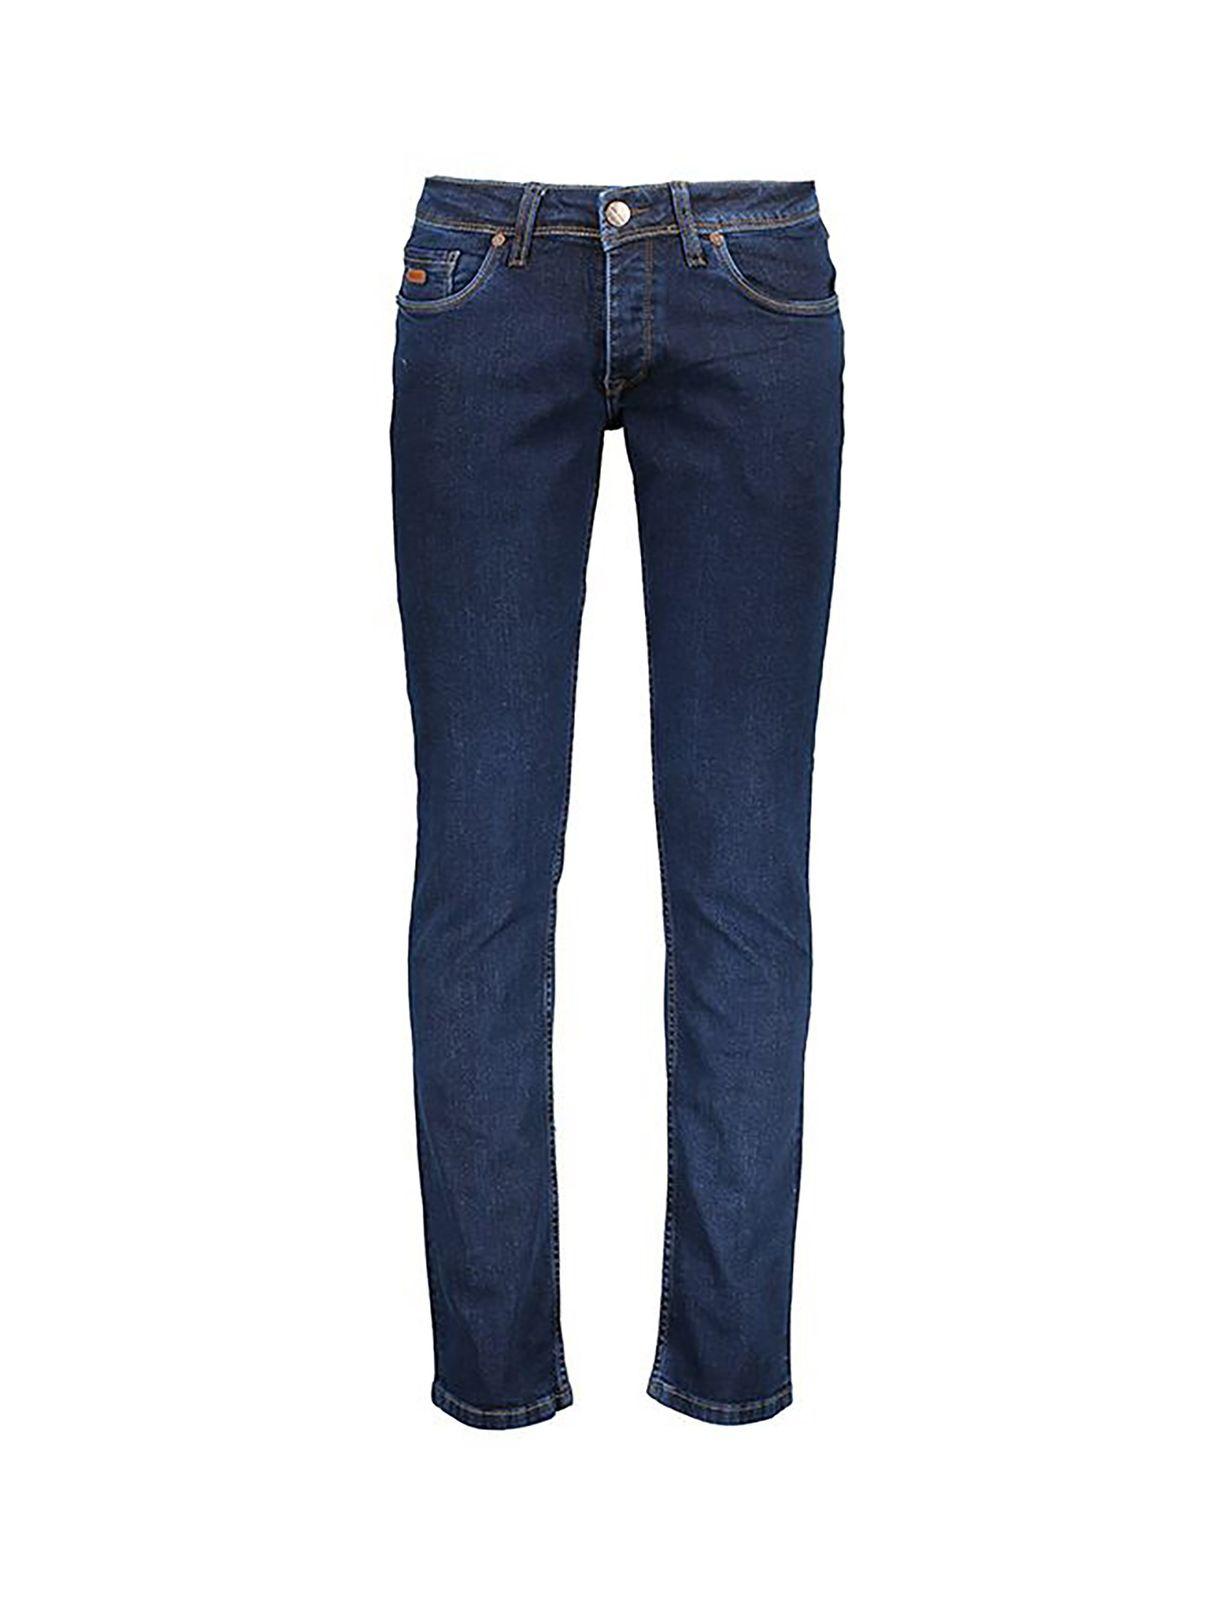 شلوار جین راسته مردانه - پاتن جامه main 1 1